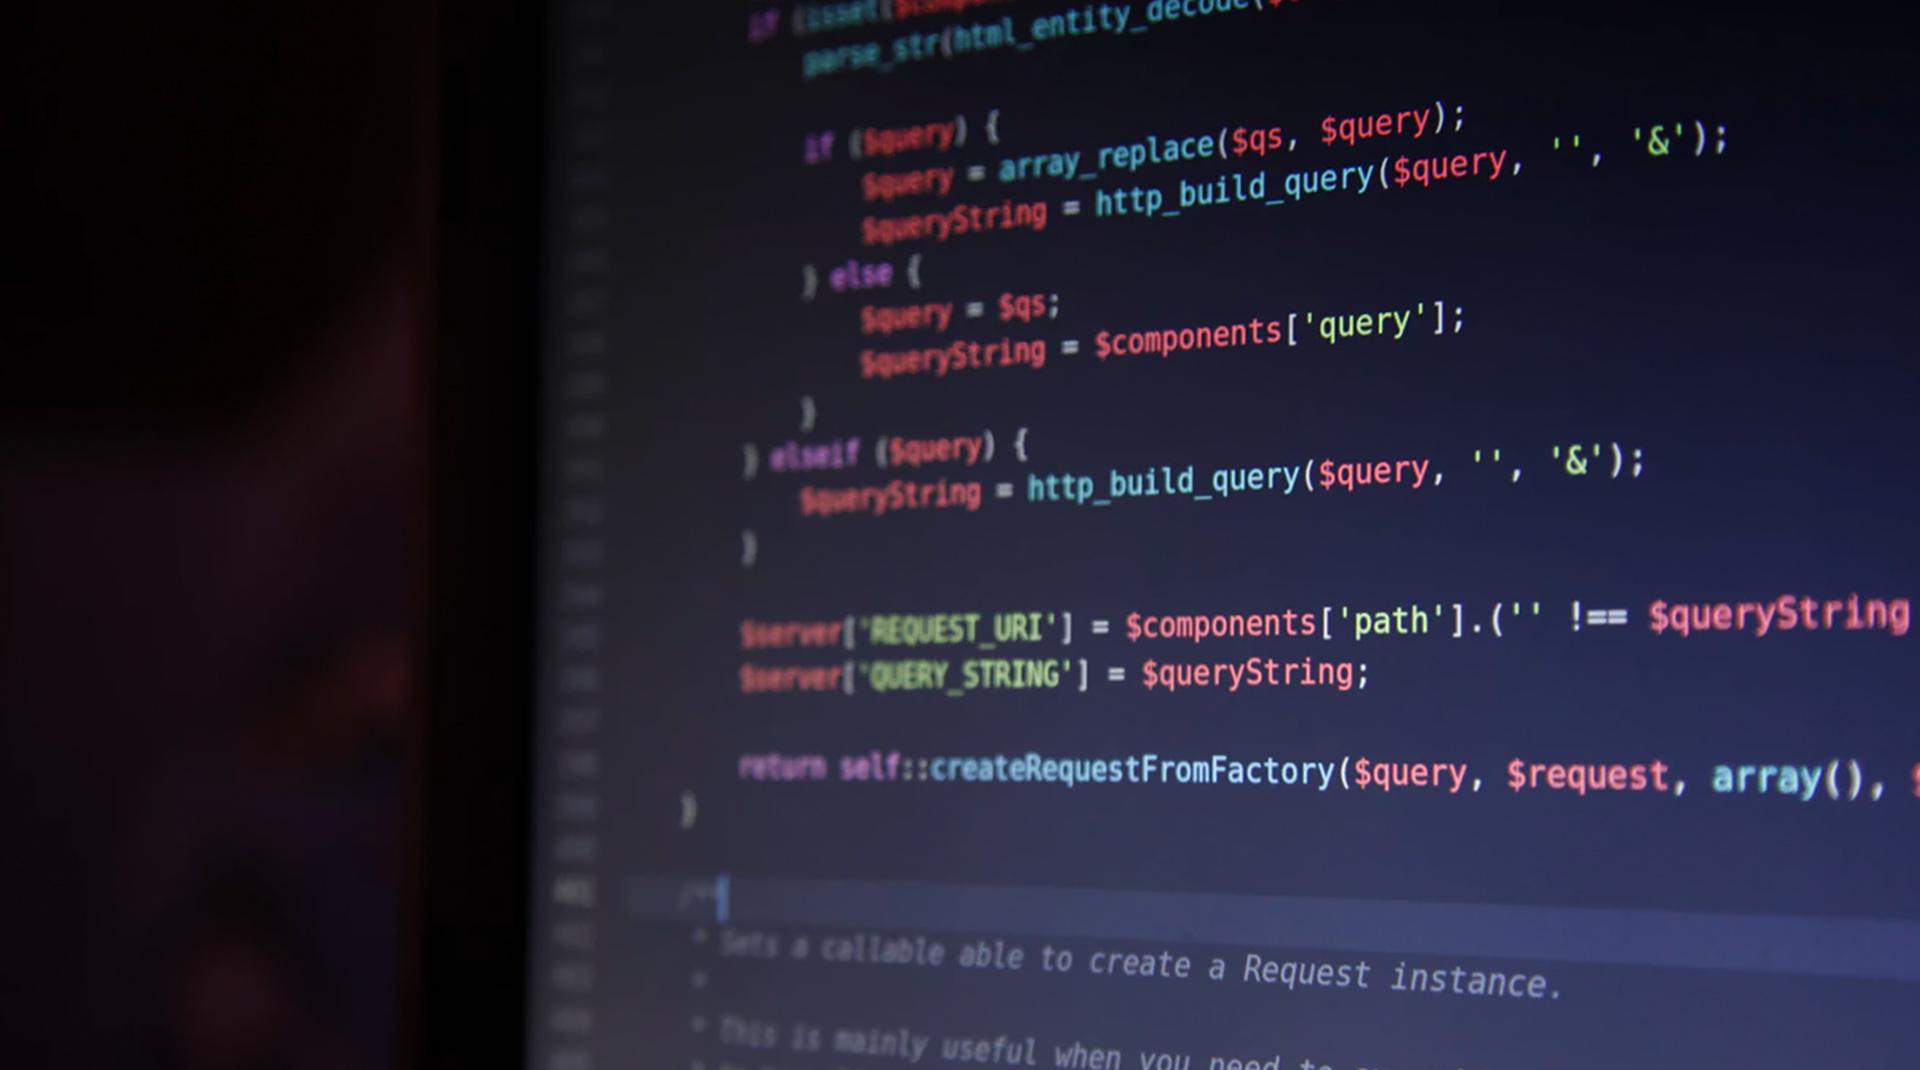 Как файл htaccess может улучшить ваш сайт: топ-10 лайфхаков для начинающего вебмастера